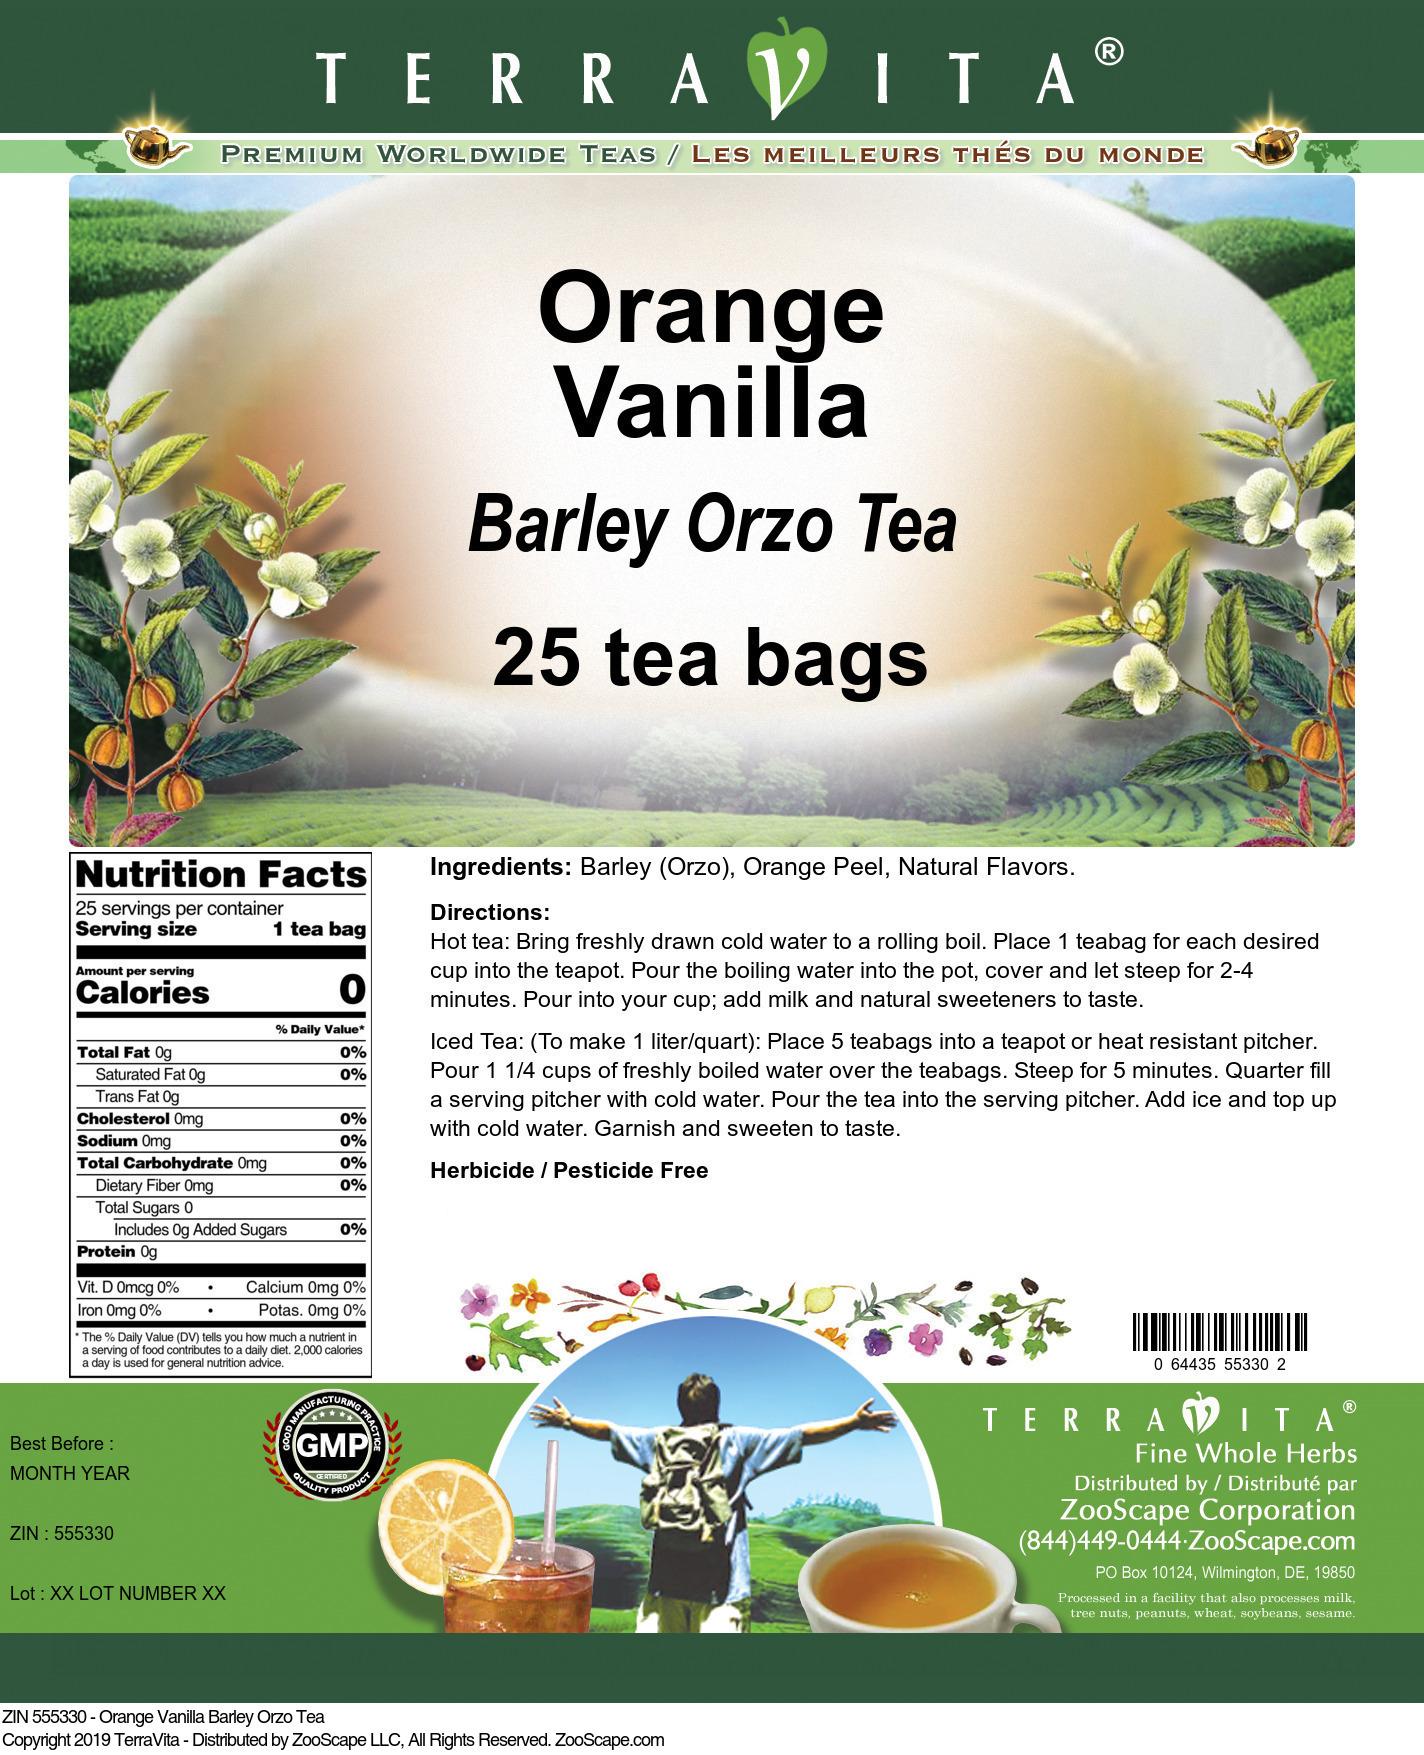 Orange Vanilla Barley Orzo